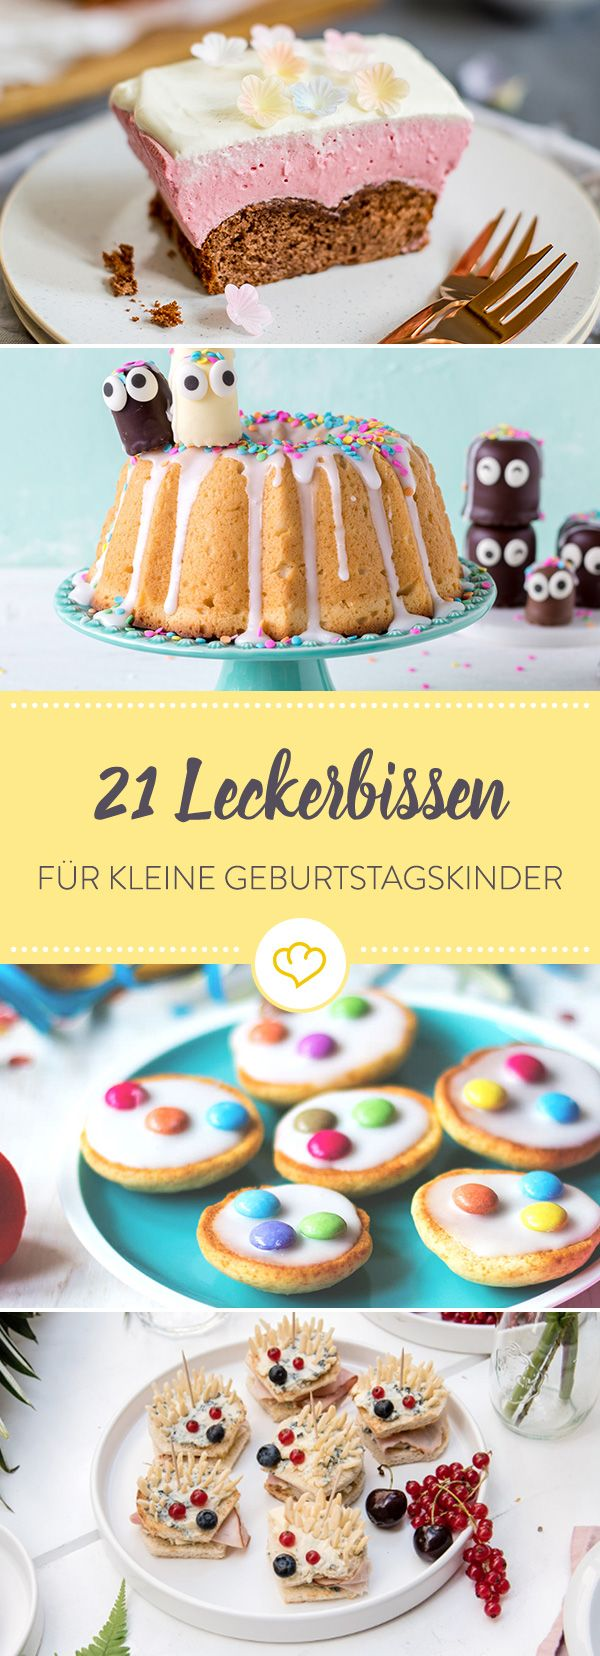 Außergewöhnlich Fingerfood Kindergeburtstag Dekoration Von 21 Kleine Leckerbissen Zum   Inspiration  